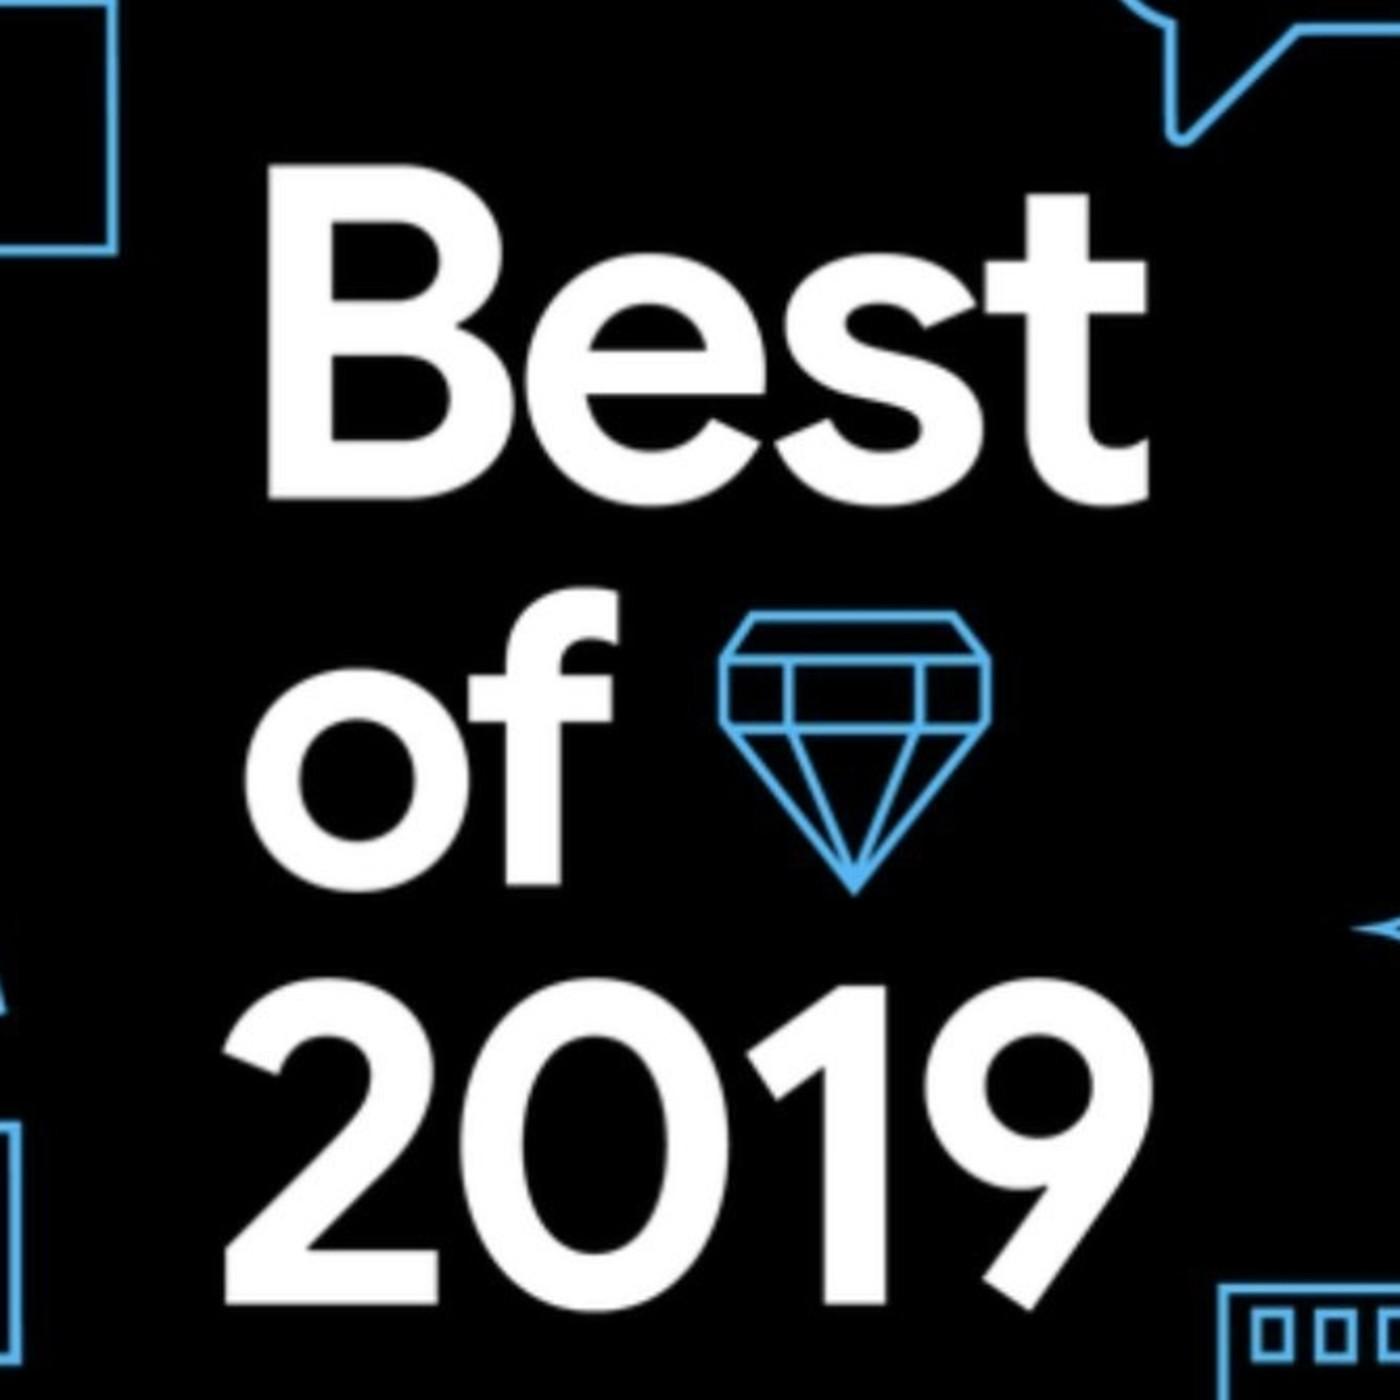 DESMADRugada (2020) - 001 - Top 30 Anime 2019 de Rash, Nueva Seccion y Mucho Mas